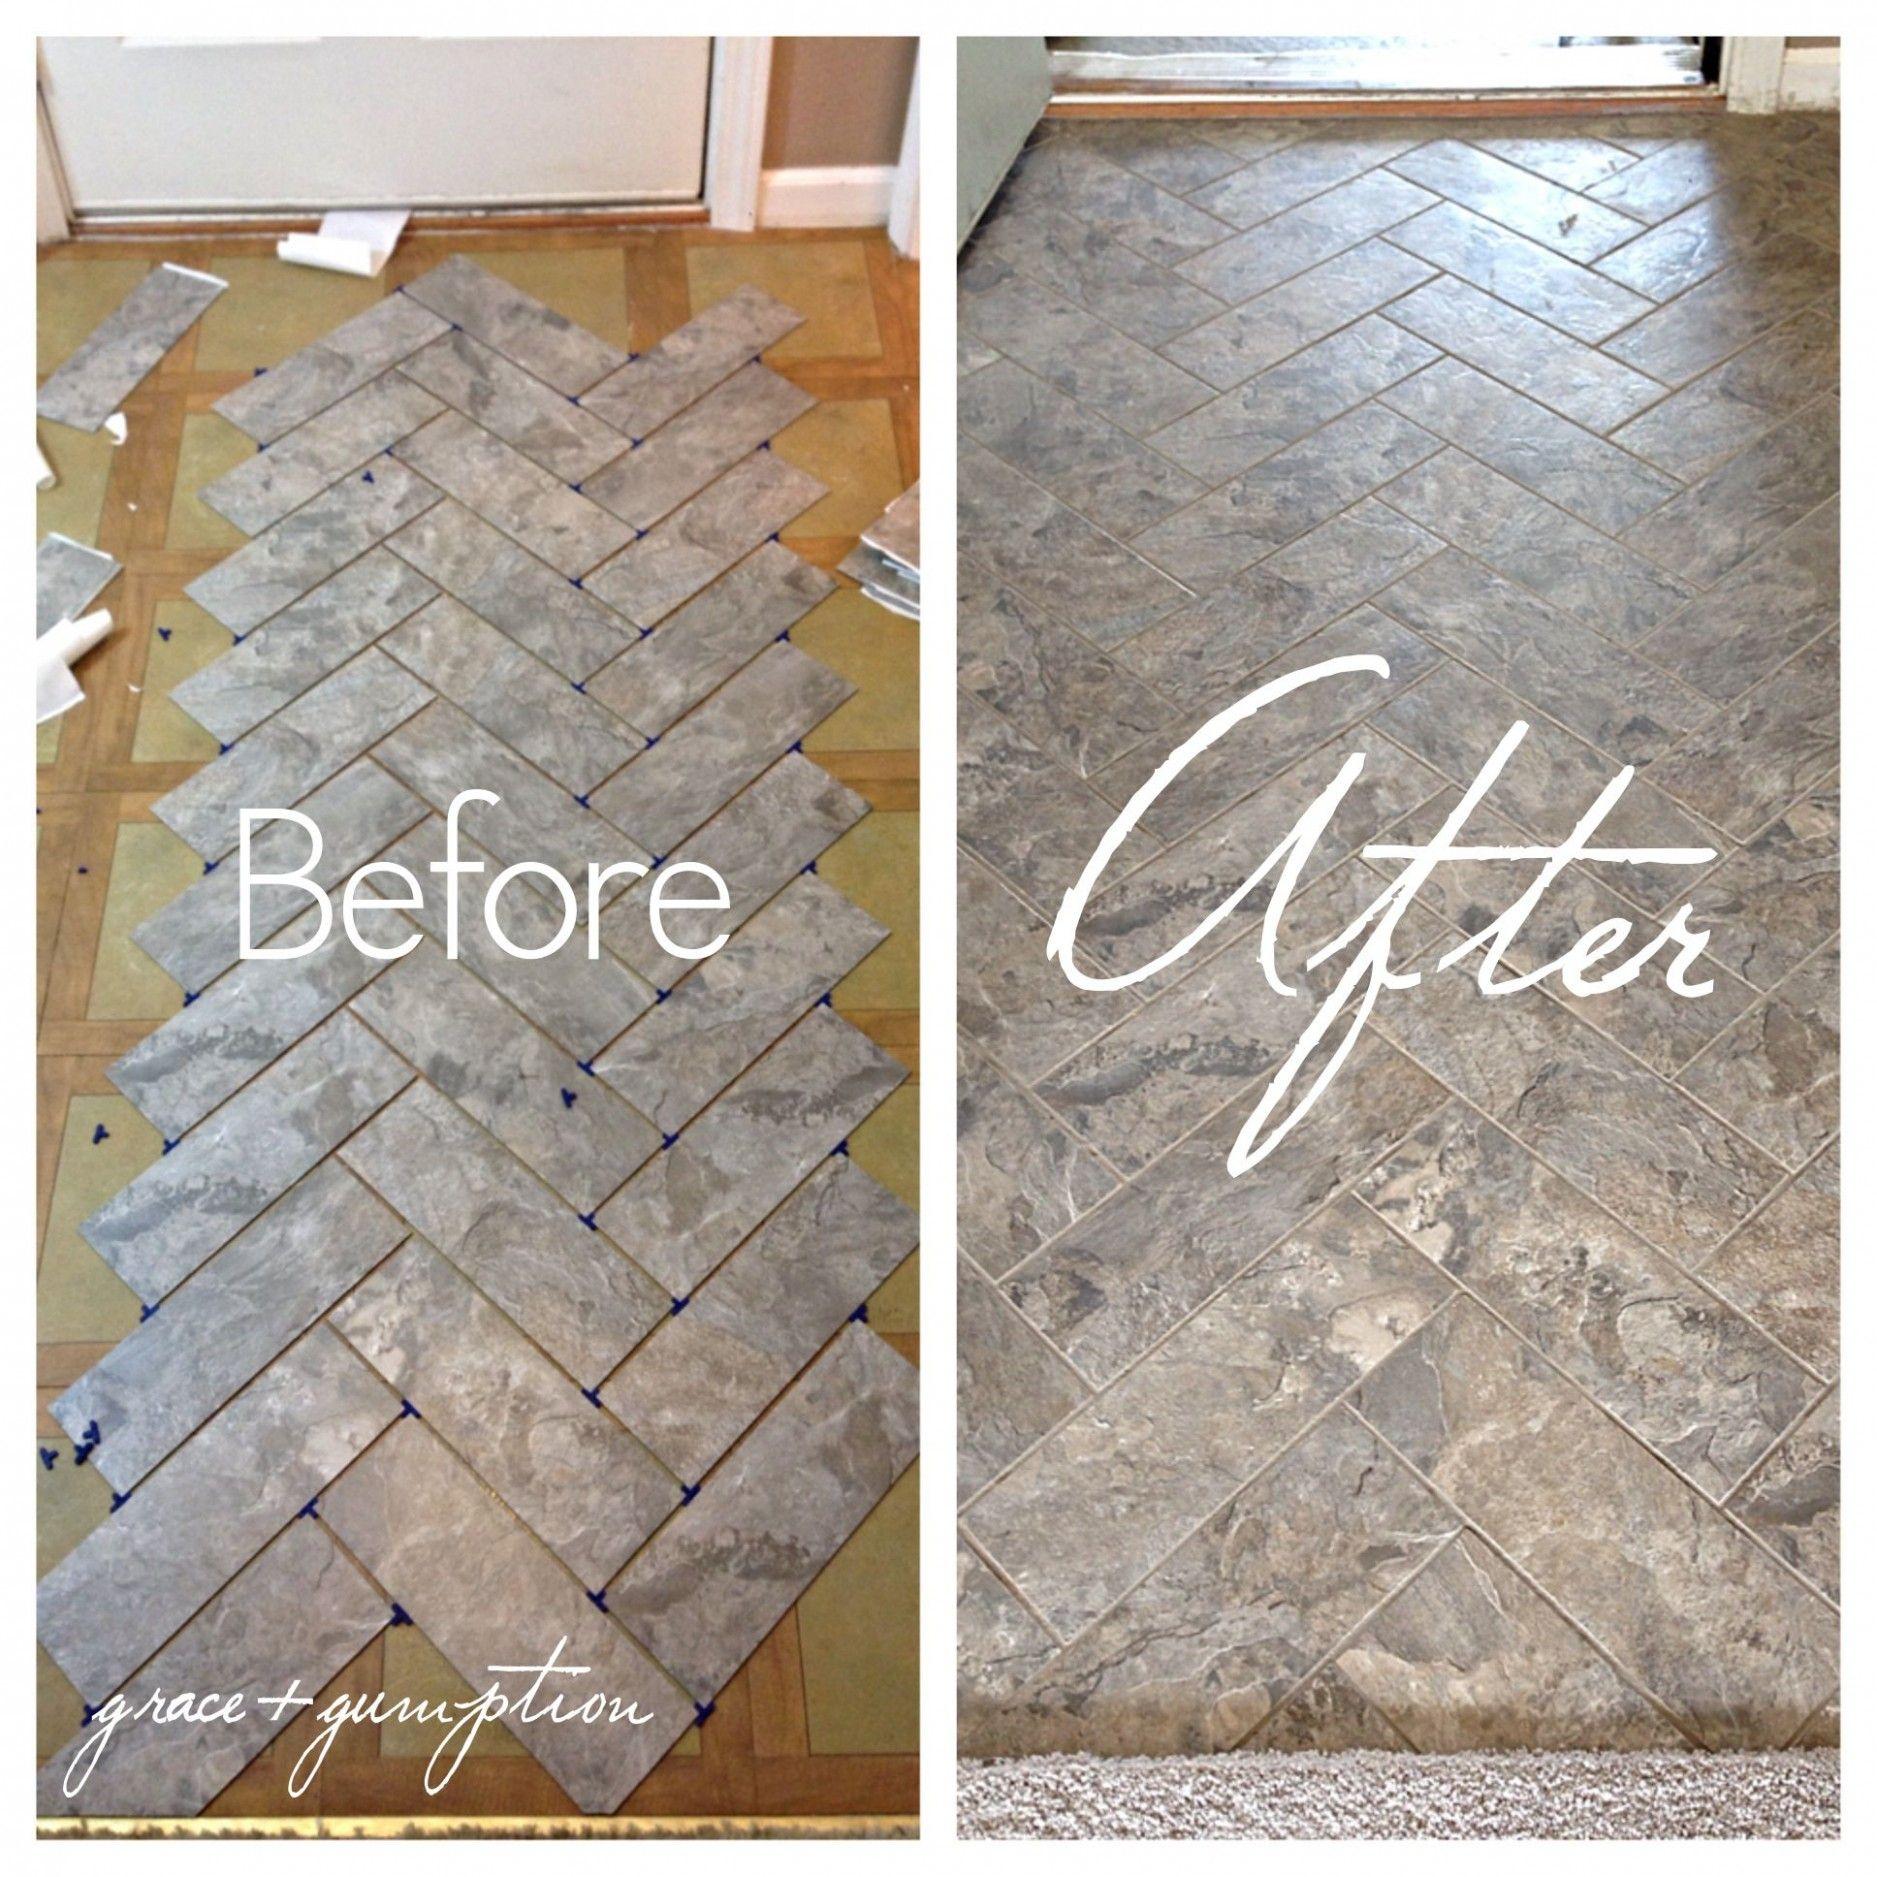 Cheap Diy Bathroom Floor Ideas in 2020 | Stick on tiles ...